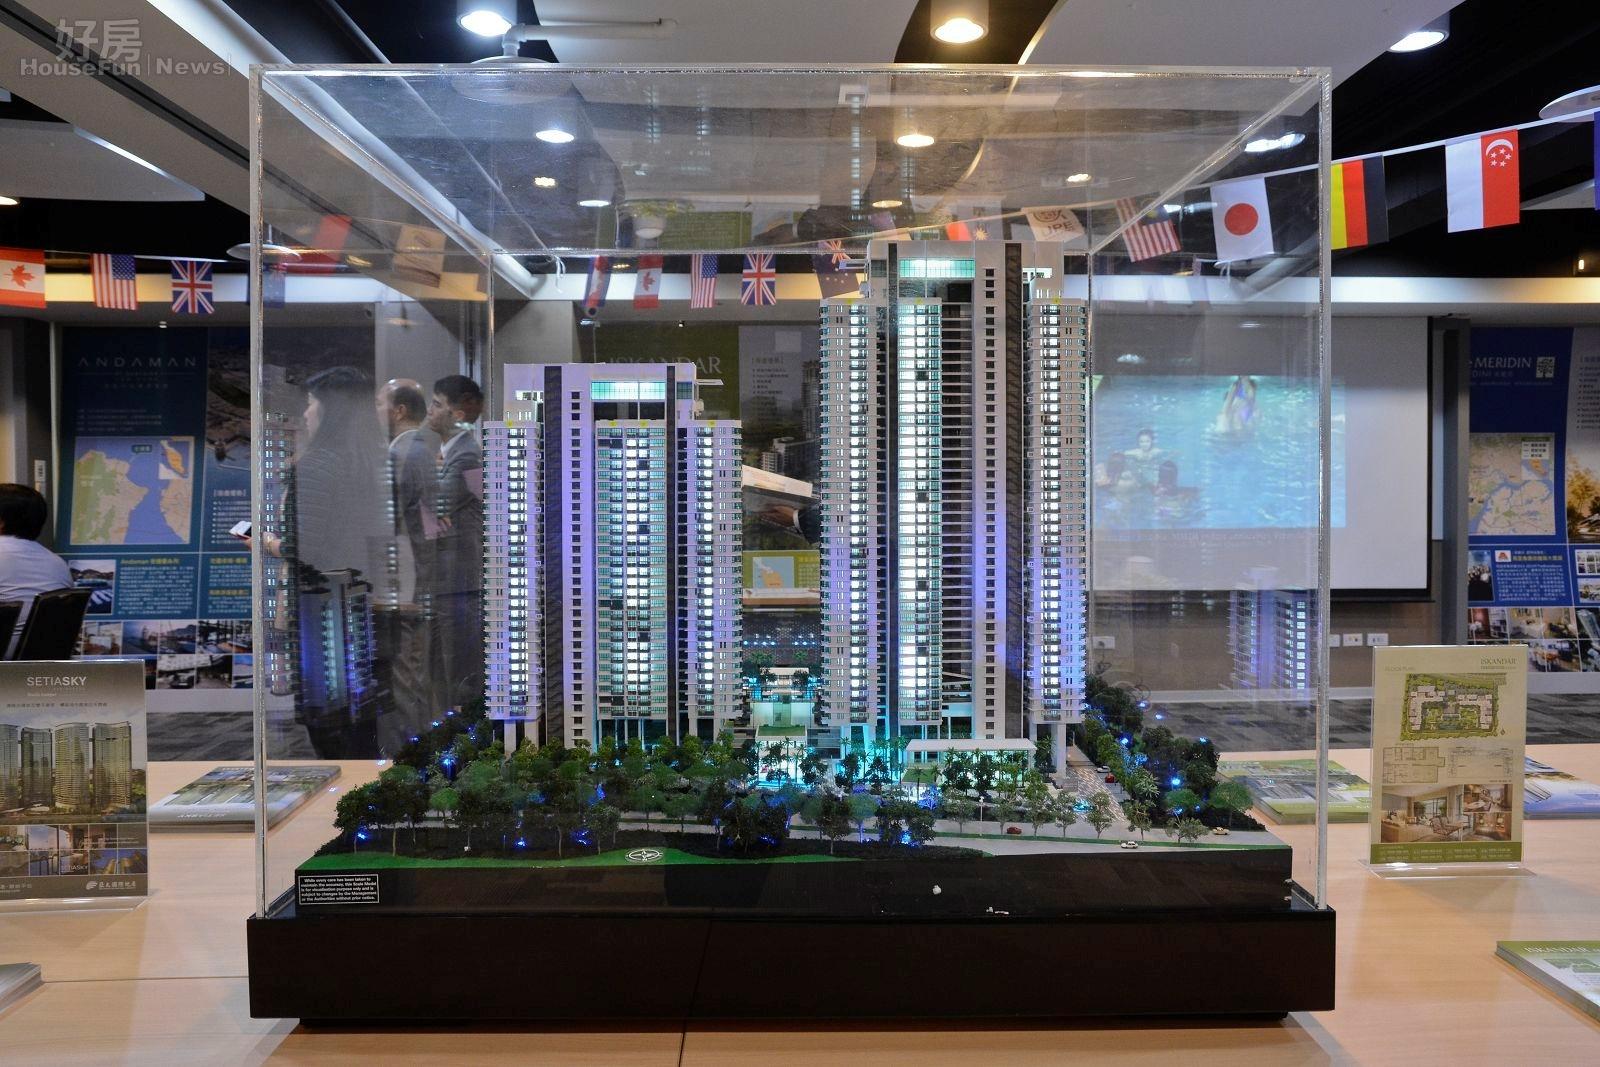 為吸引民眾做海外投資,業者除了說明之外,也做了海外房產模型,希望讓說明會更具說服力。(好房網News記者 陳韋帆/攝影)